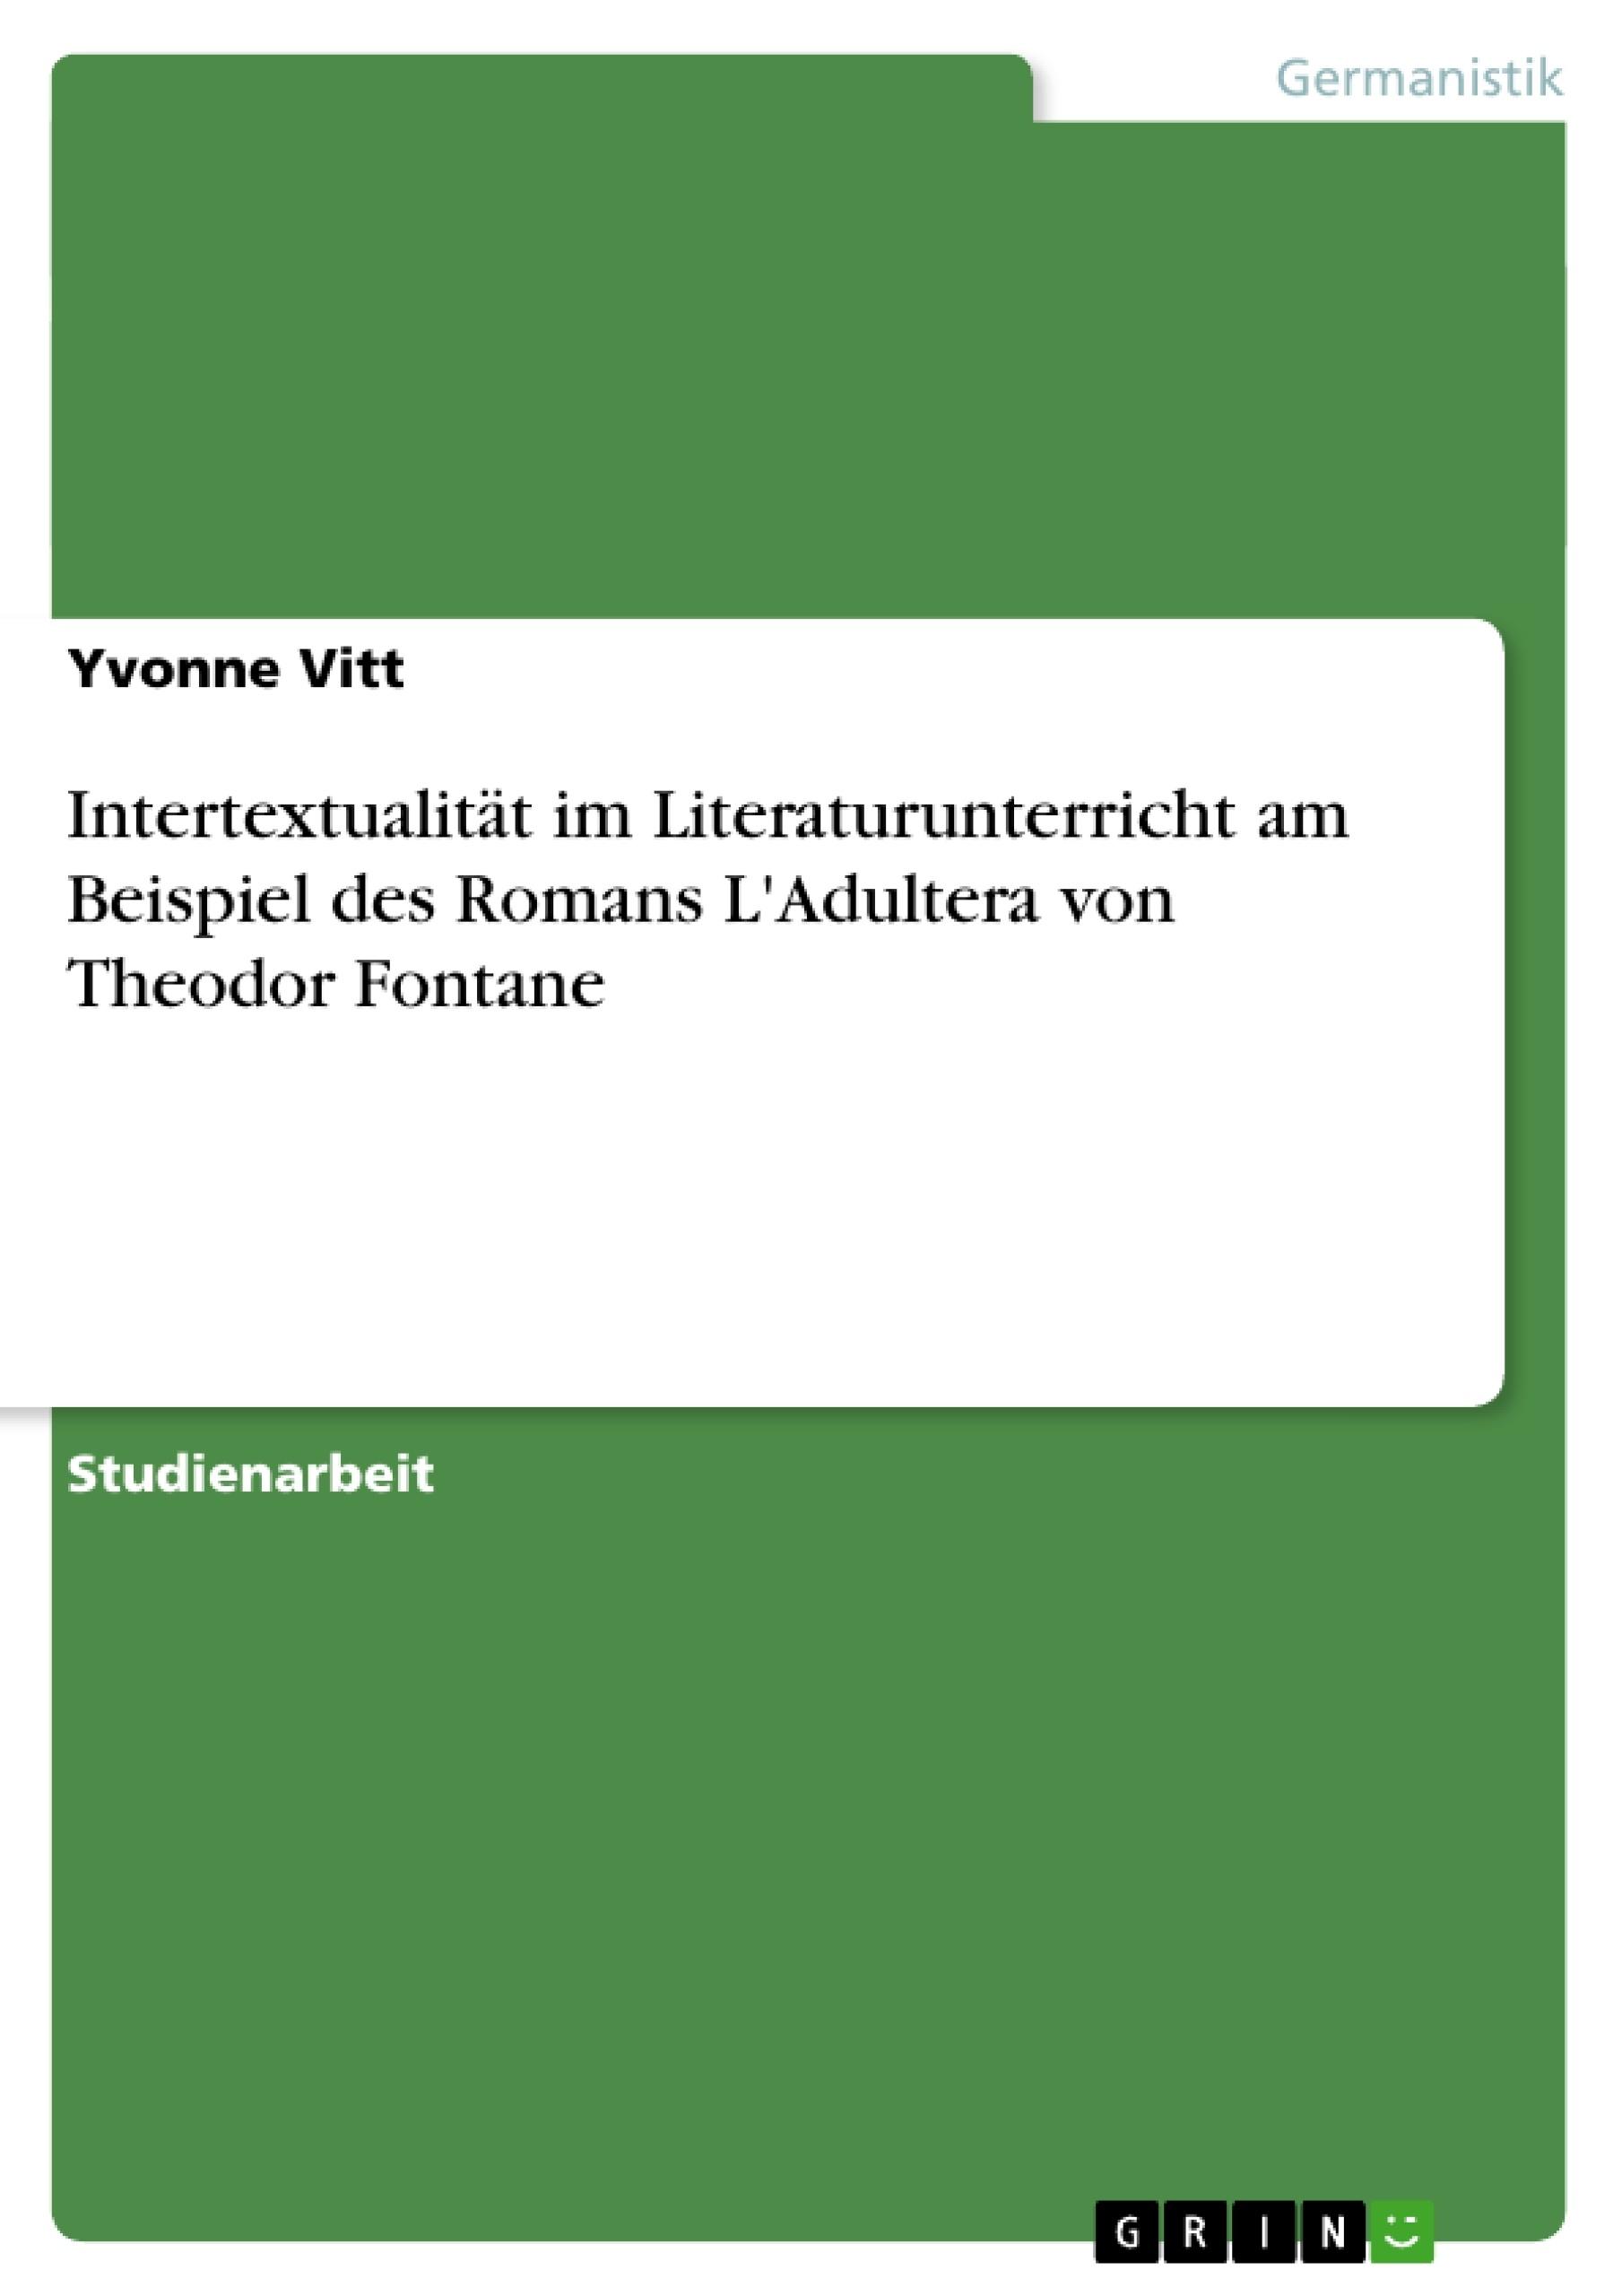 Titel: Intertextualität im Literaturunterricht am Beispiel des Romans L'Adultera von Theodor Fontane